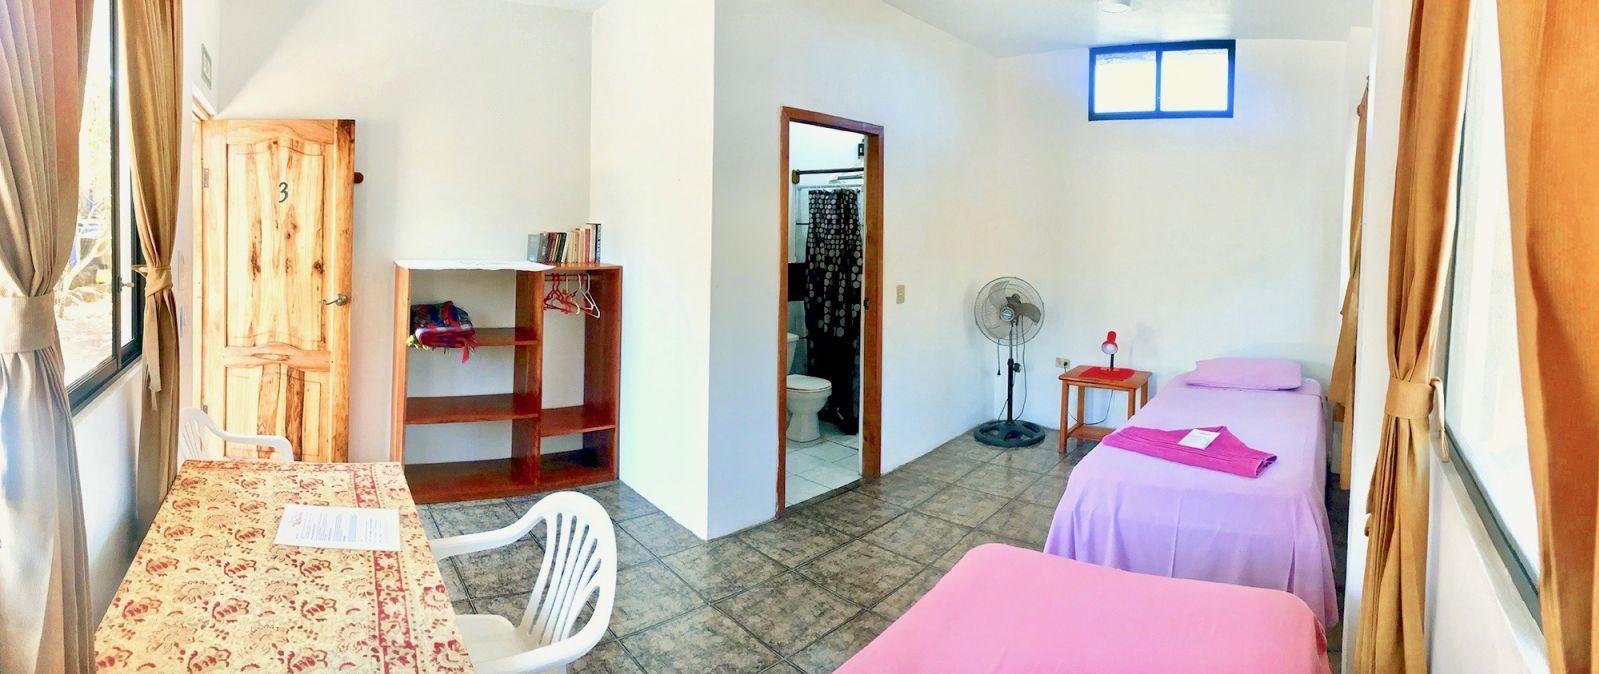 Habitación grande con dos camas individuales